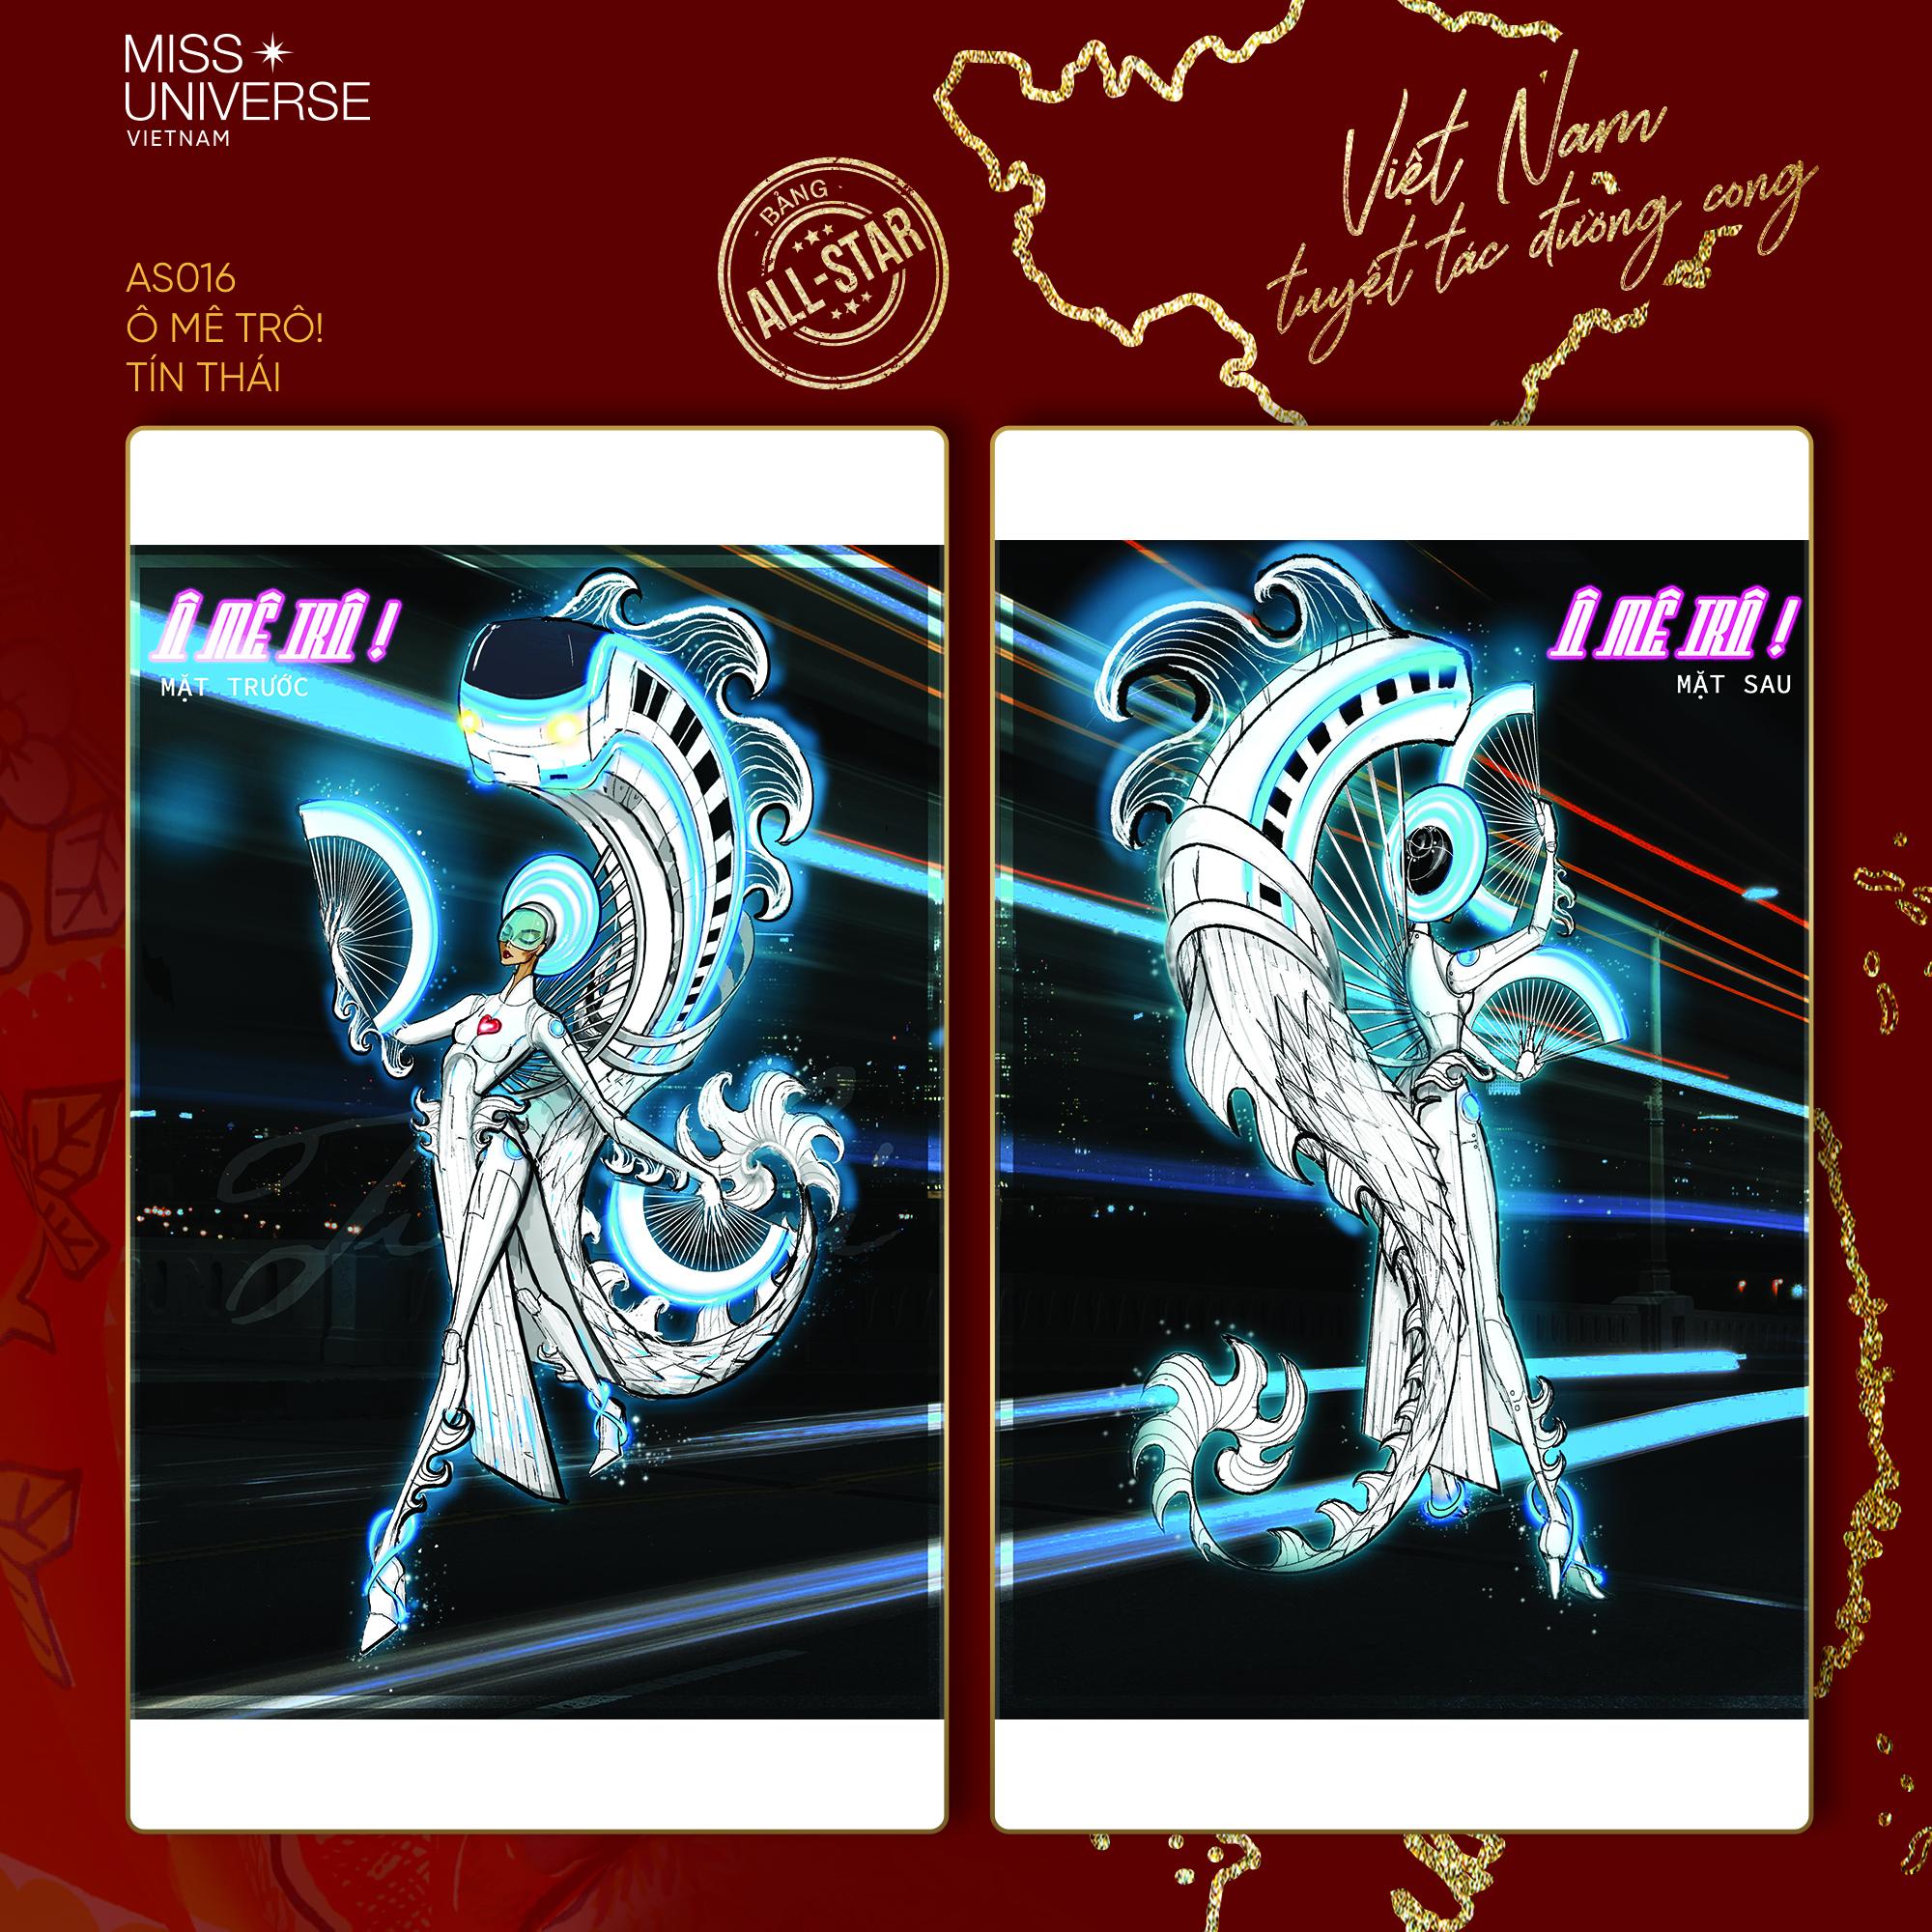 Chủ nhân National Costume Nàng Mây thiết kế váy tàu điện Metro cho Khánh Vân: Cổng trường cũng thành trang phục cực chất Ảnh 18